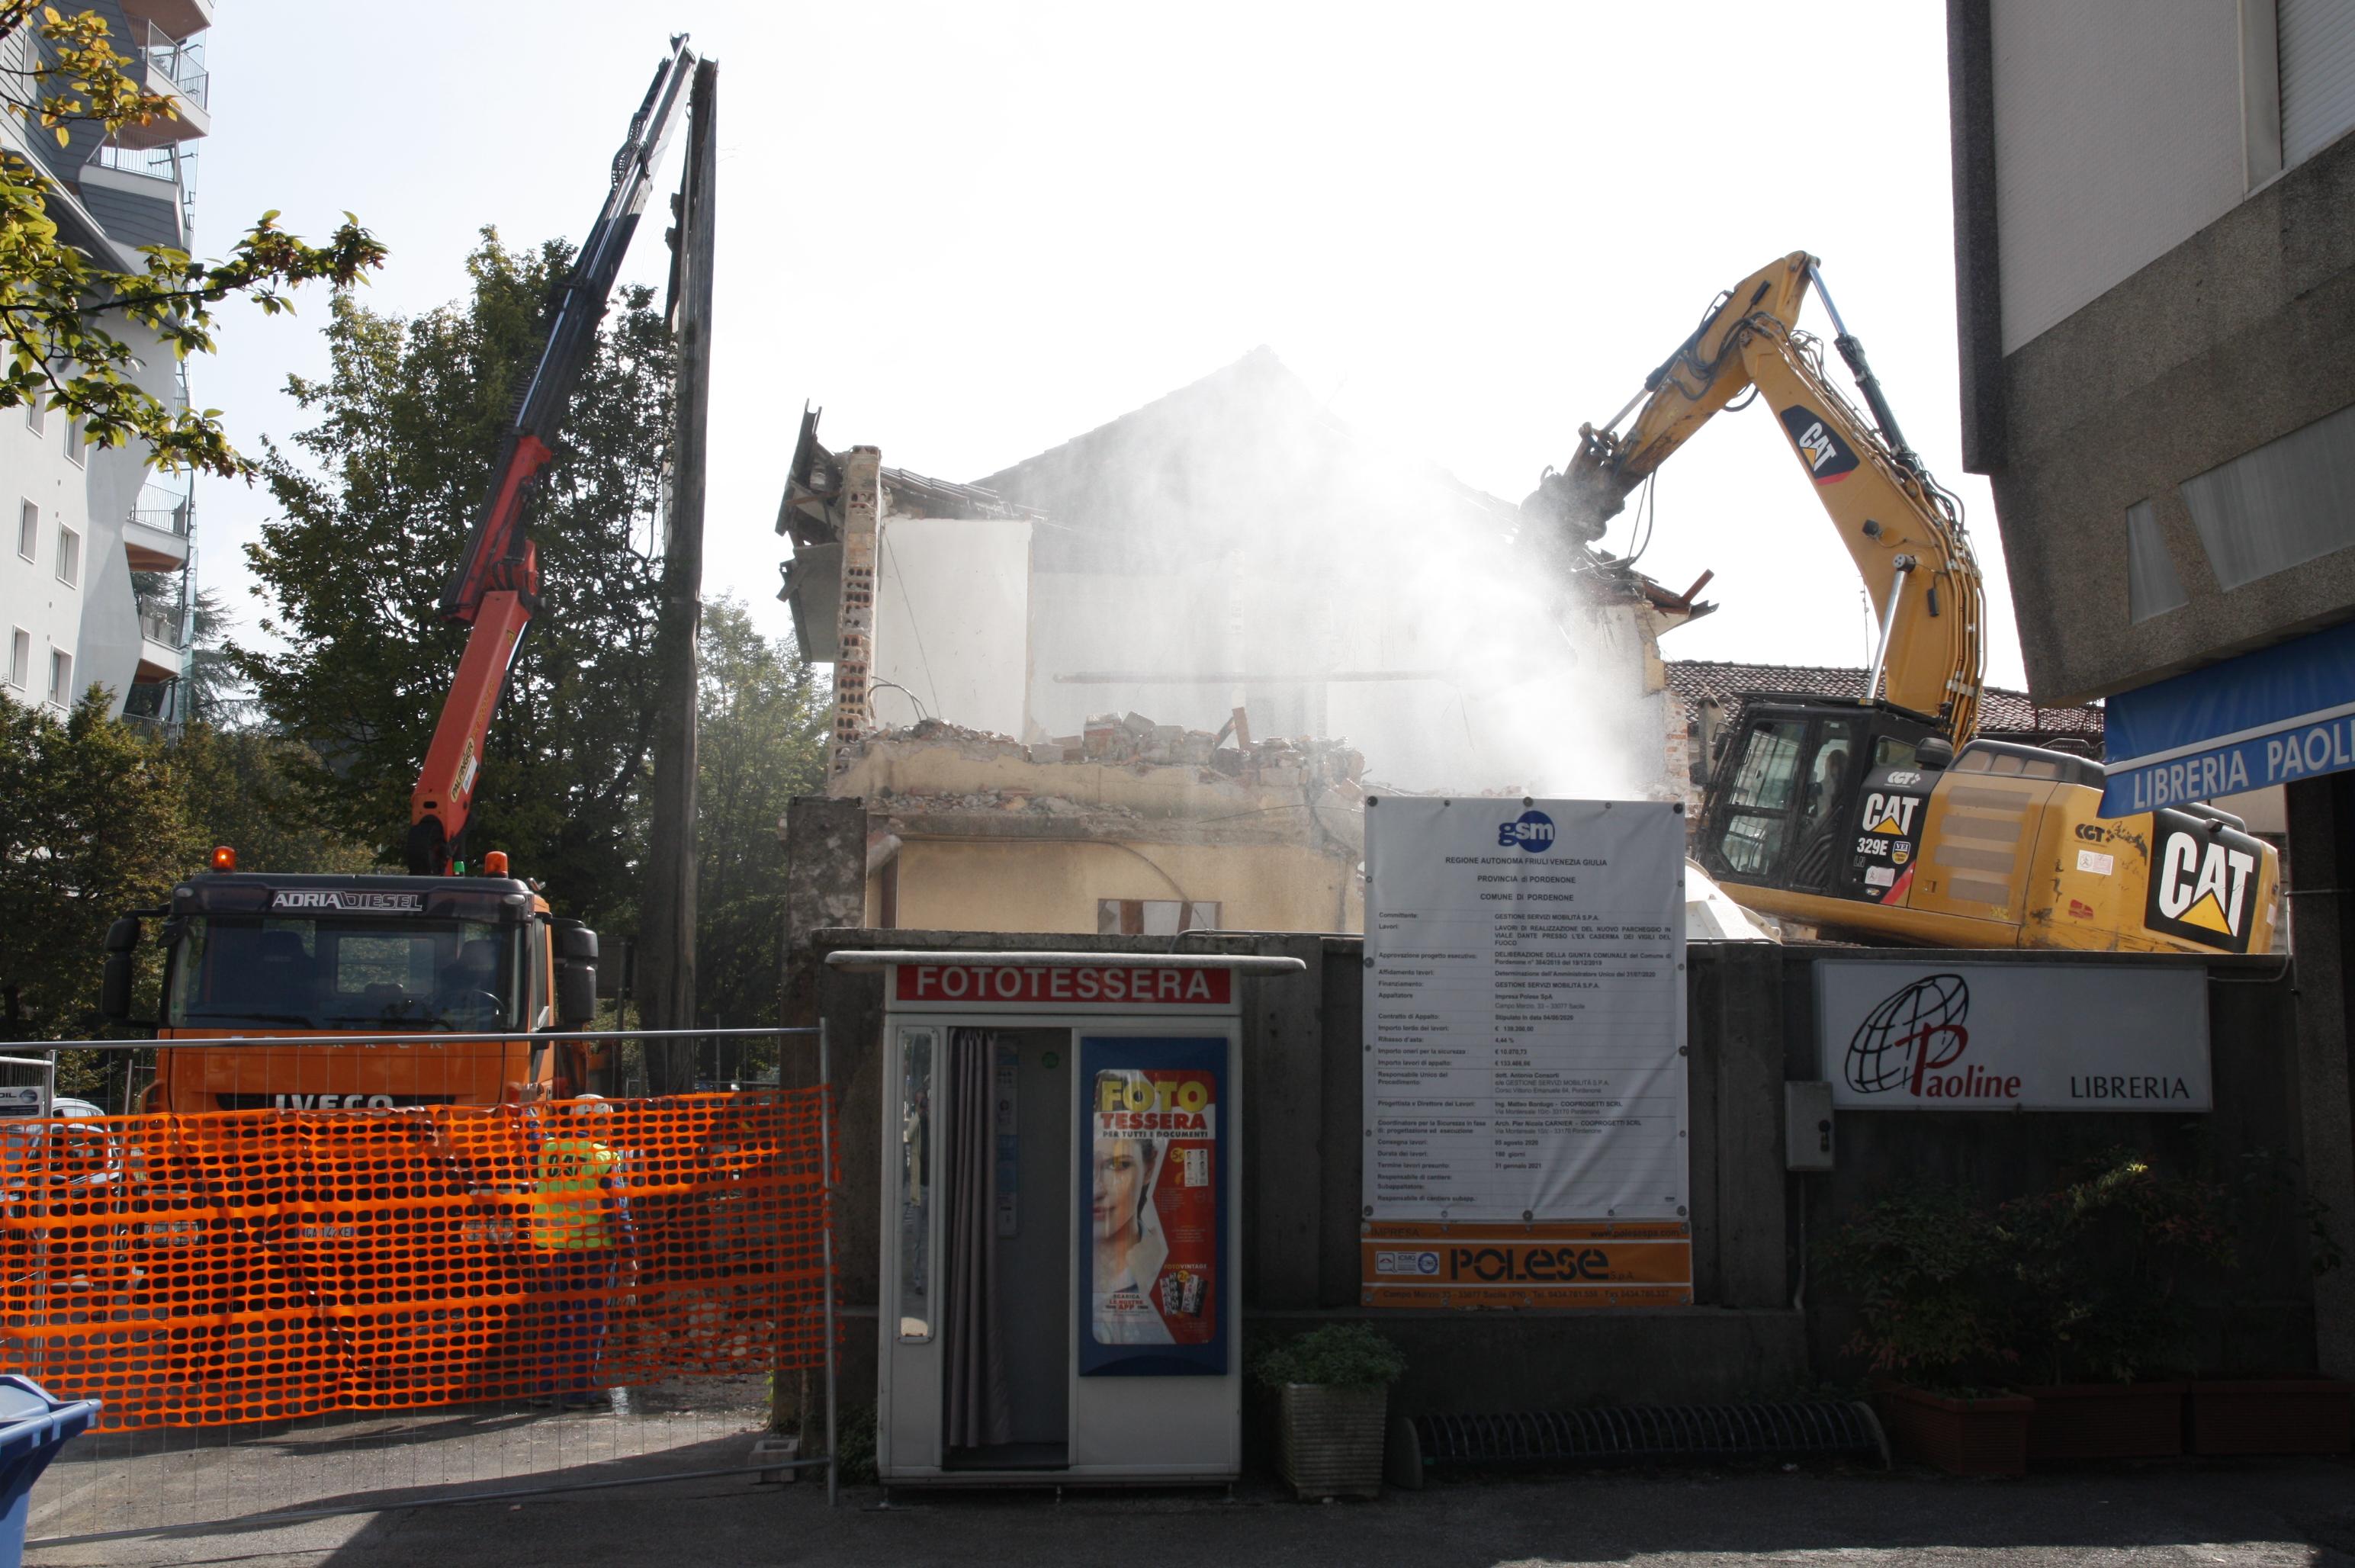 Park Via Dante demol 015.JPG